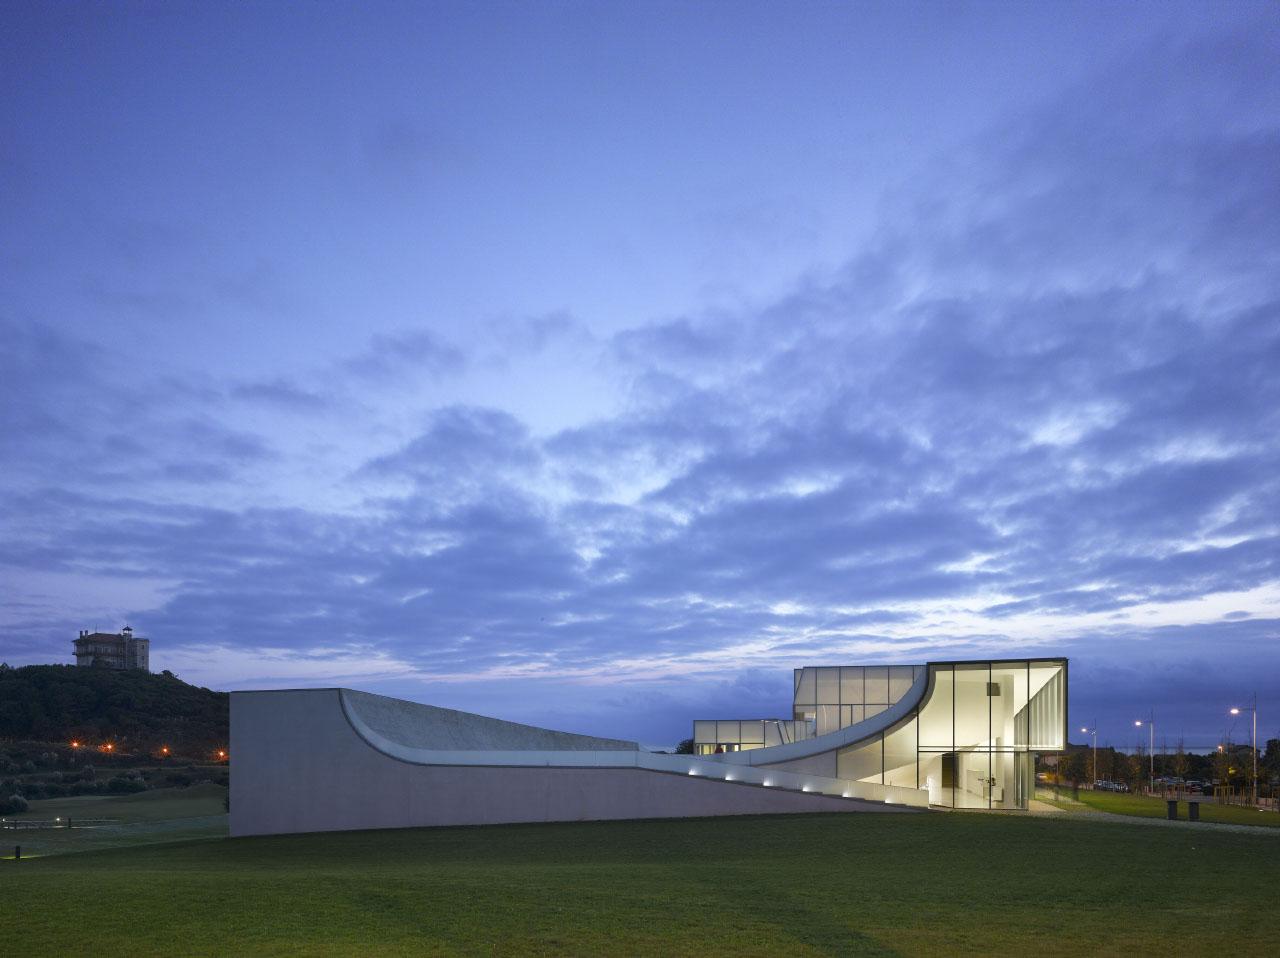 #1C48AF Inova Vidros: Vidro & Arquitetura Obras Incríveis 1580 Vidros Janelas Fortaleza